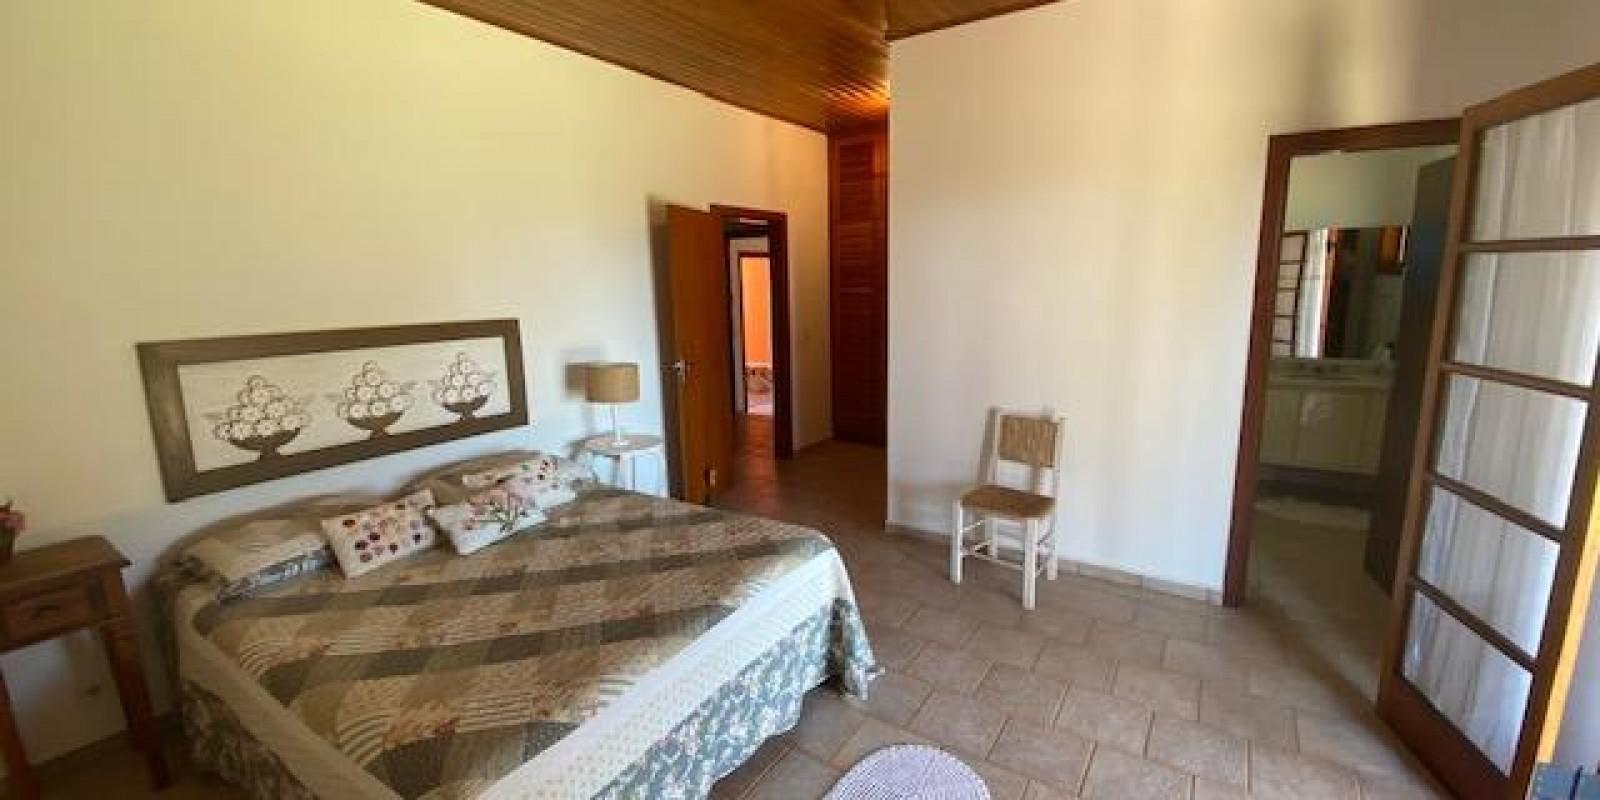 Casa na Represa Condomínio  Parque Náutico em Avaré SP - Foto 12 de 40